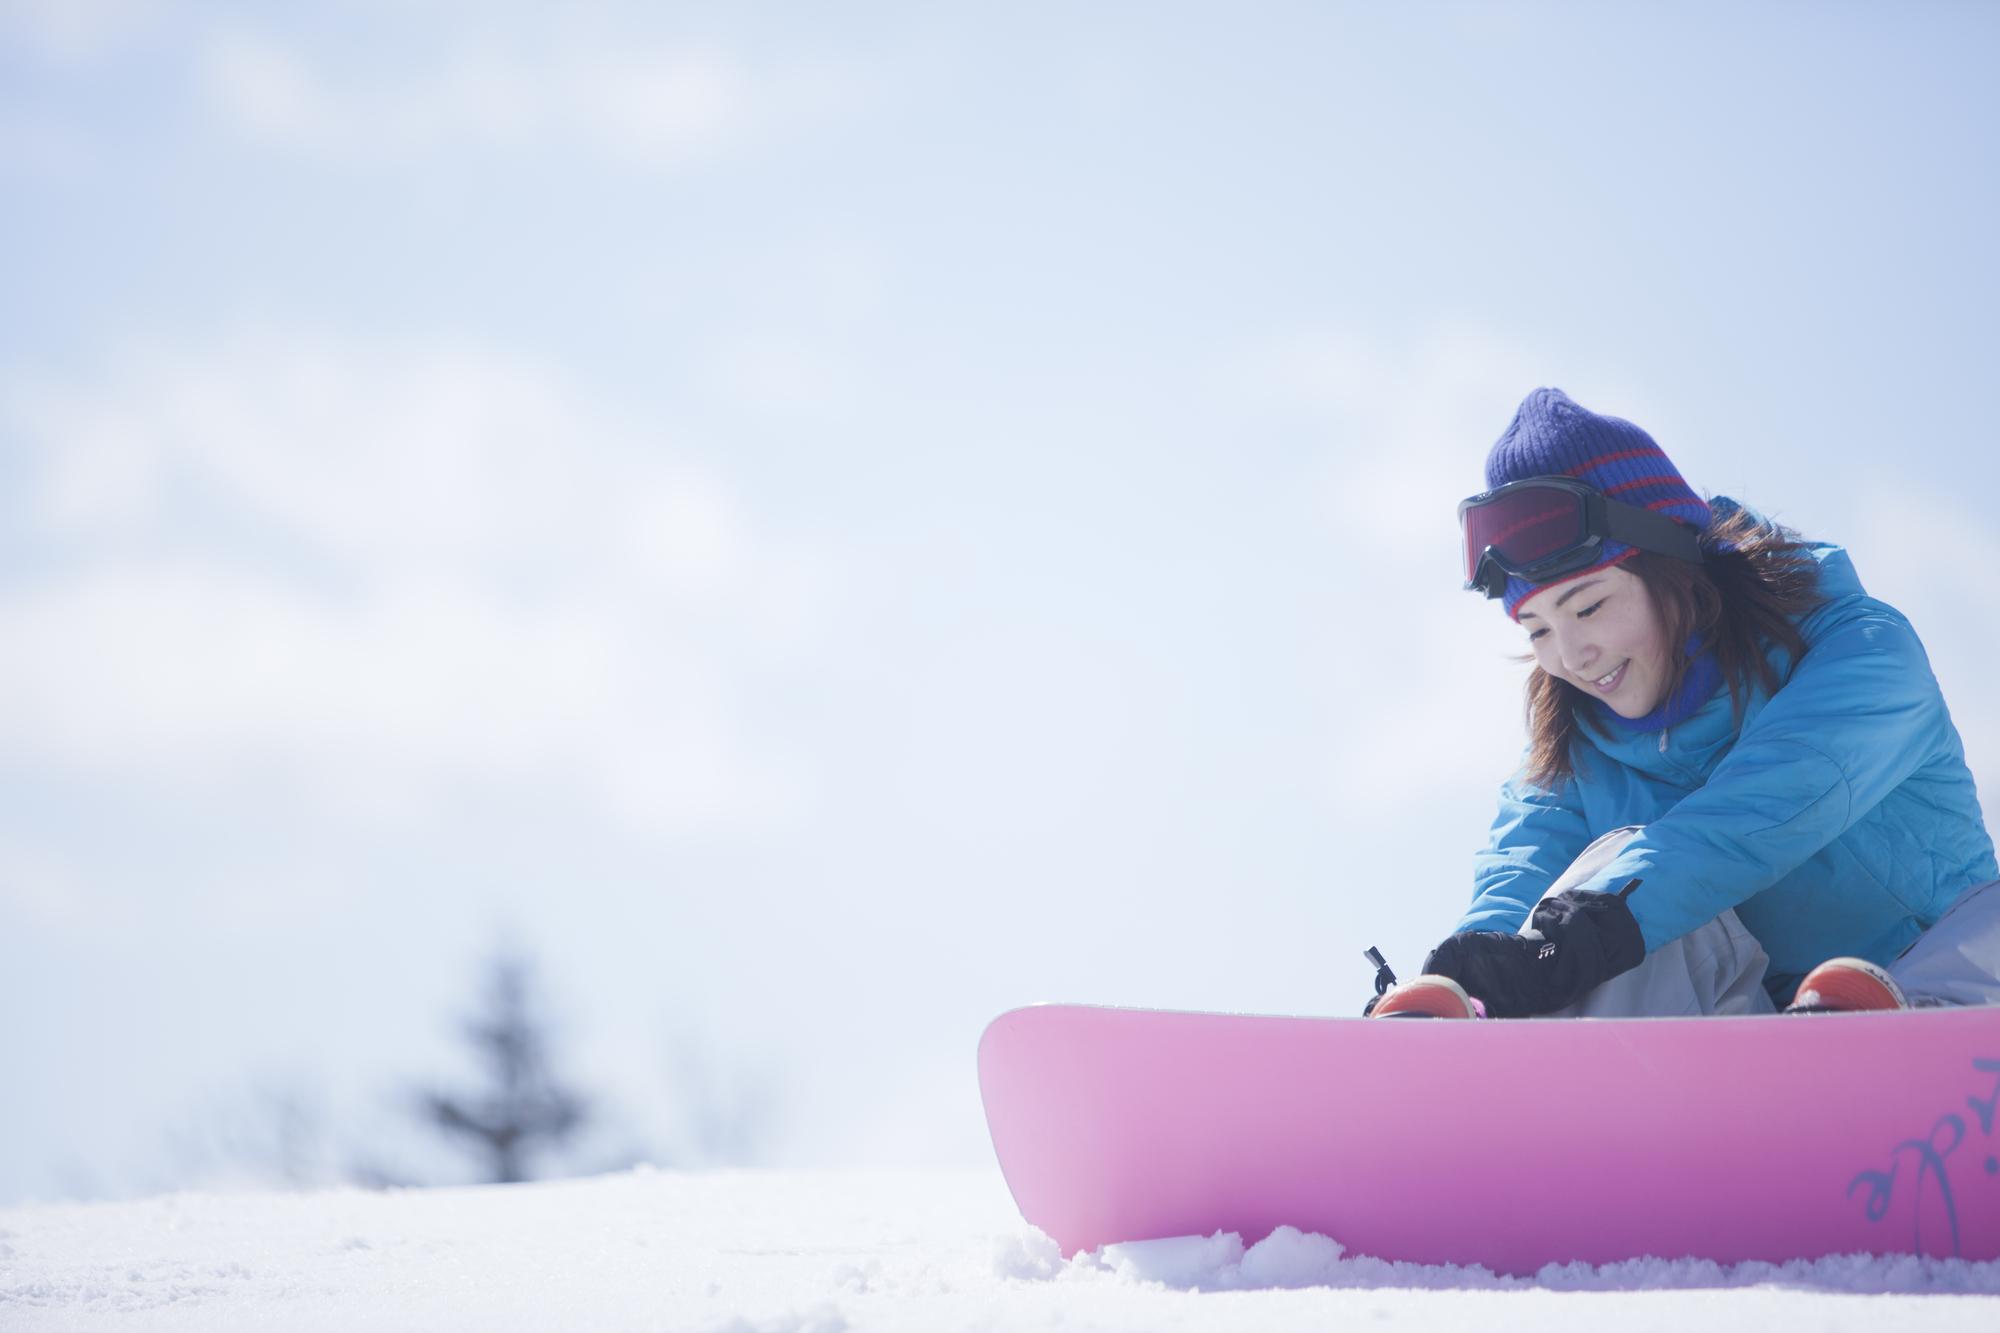 スノーボードを傷めないためには?収納の正しい手順や注意点を解説